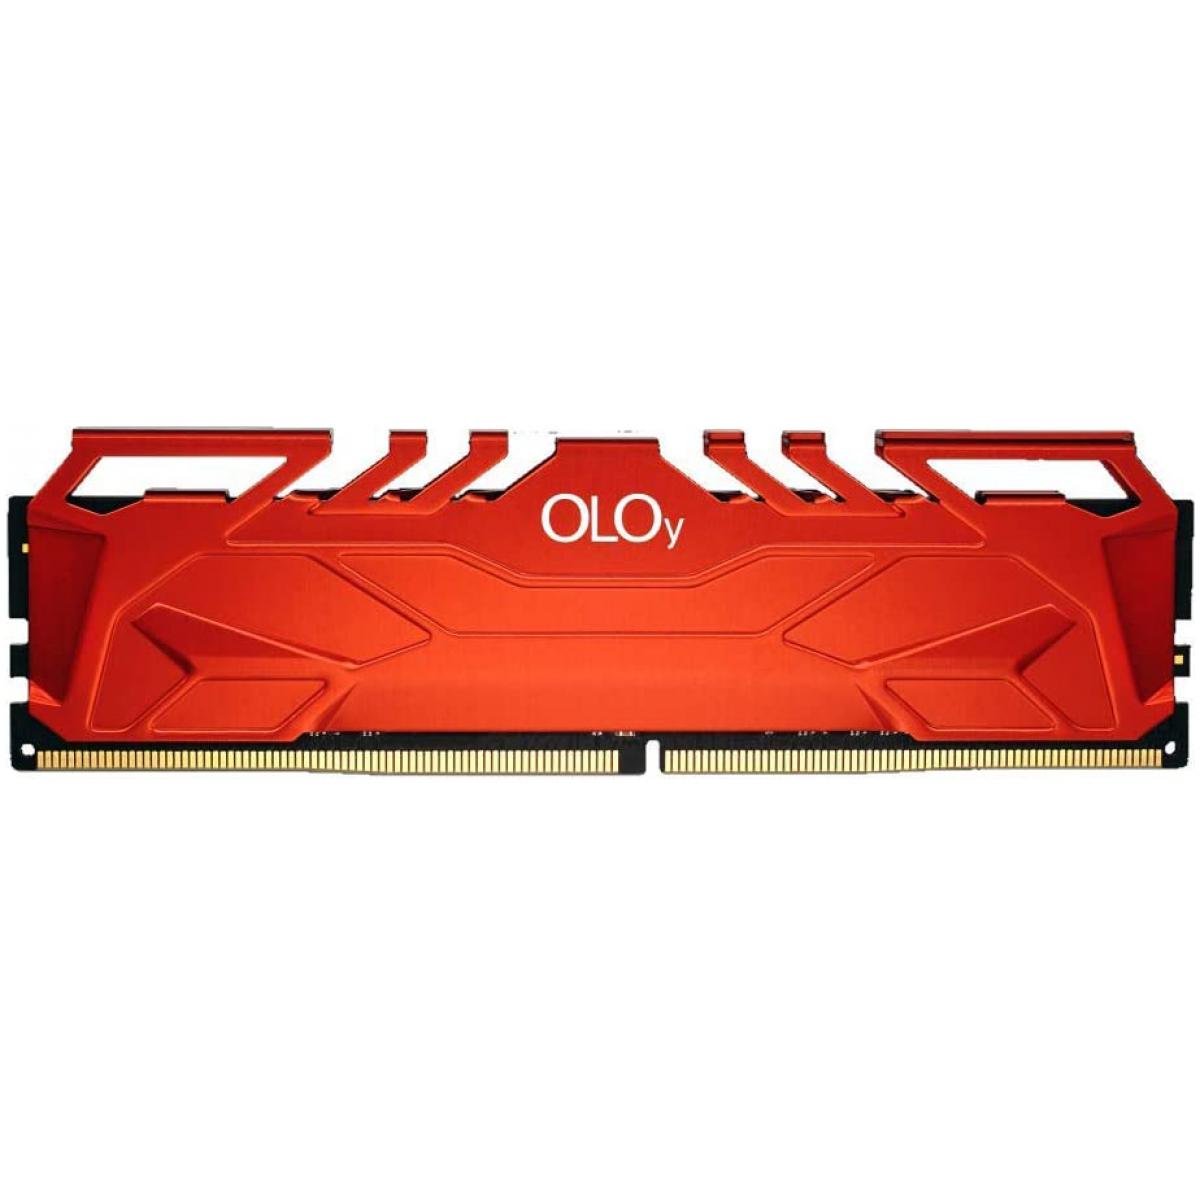 Memória DDR4 OLOy Owl, 16GB, 3000MHz, Red, MD4U163016CHSA